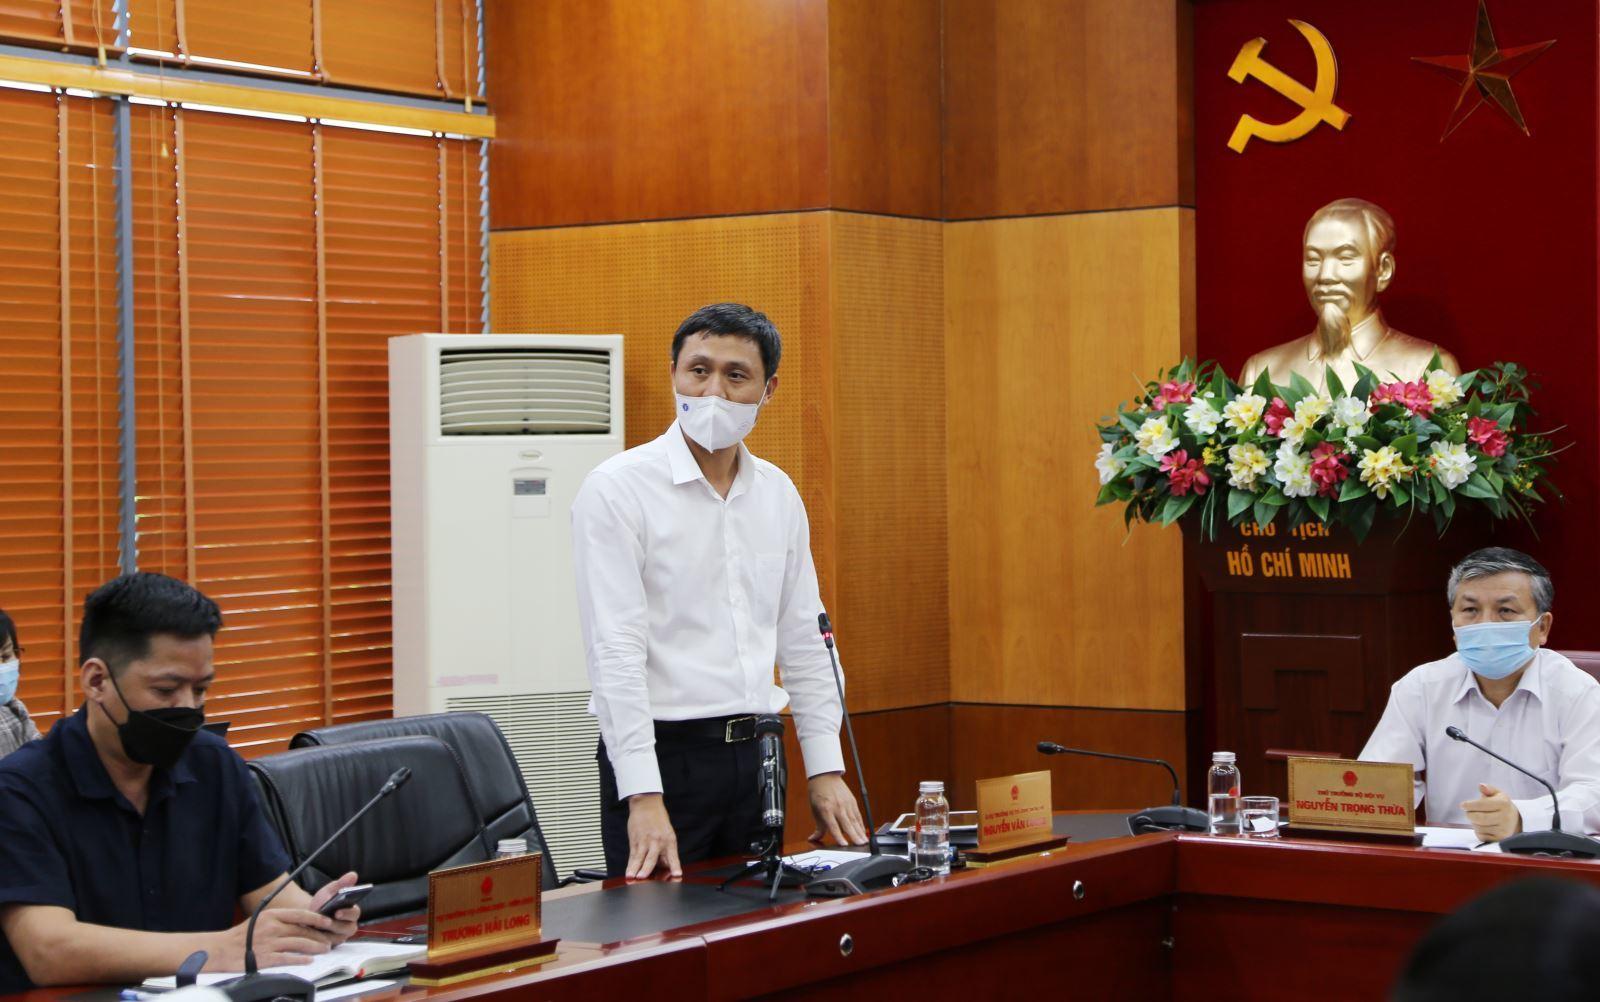 Trình hội nghị Trung ương 3 đề án cơ cấu Chính phủ nhiệm kỳ mới